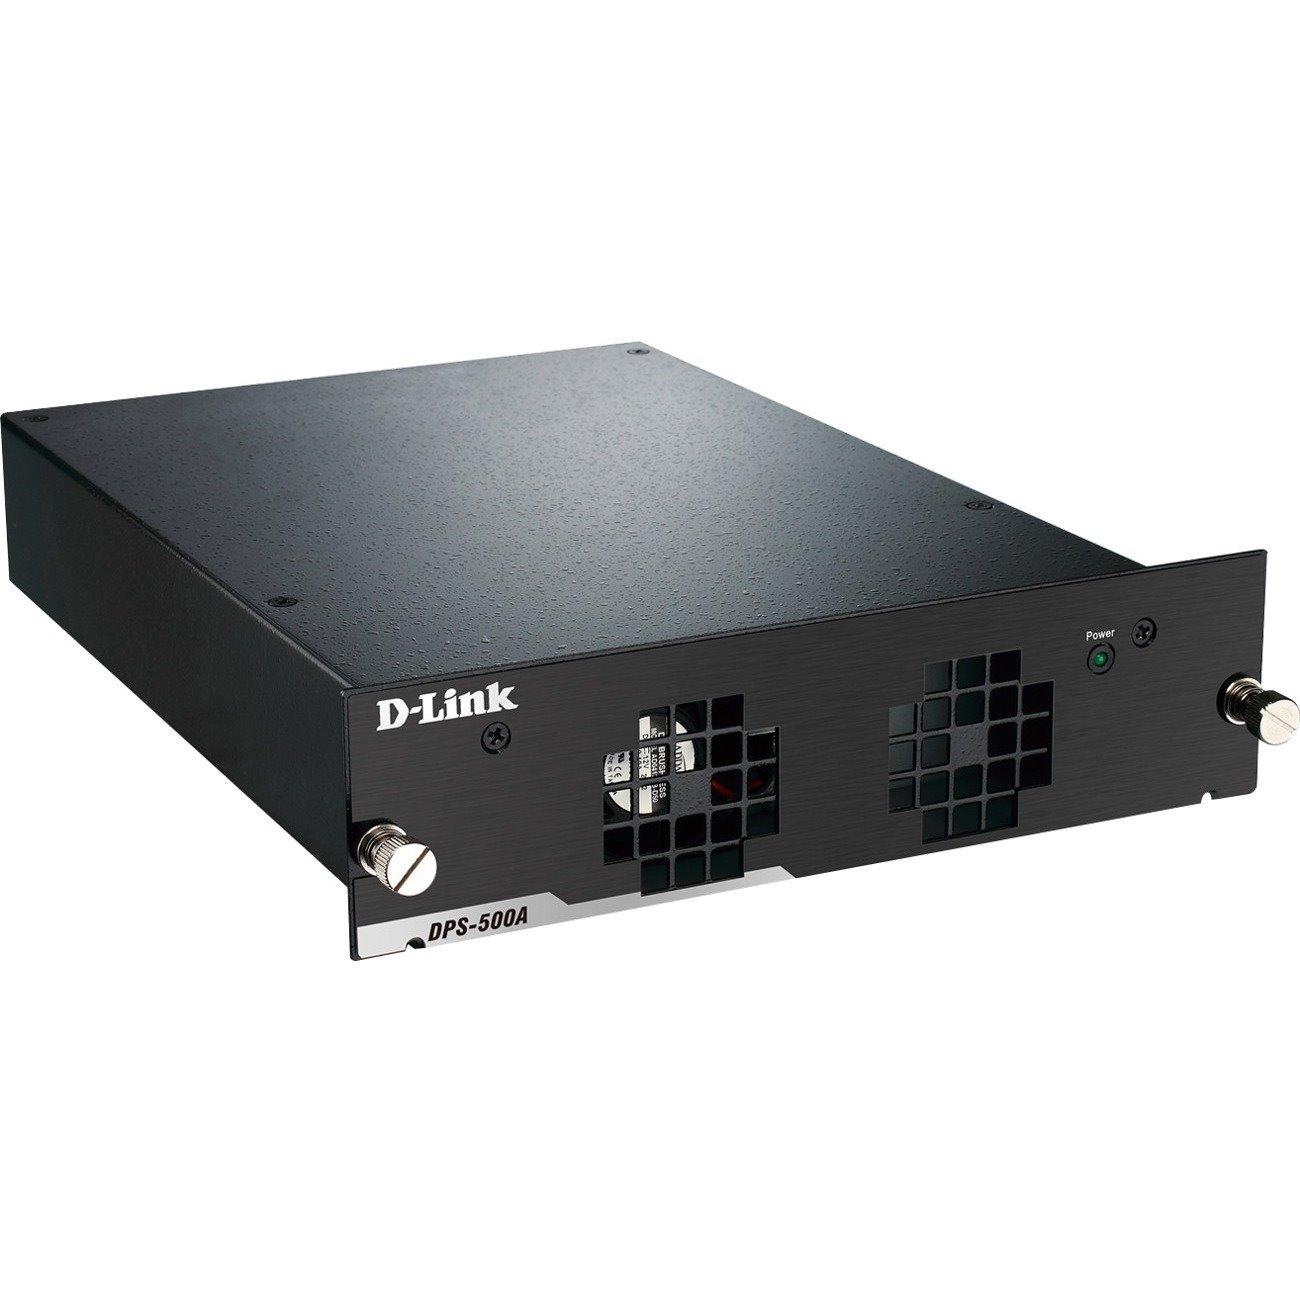 D-Link DPS-500A Modular Redundant Power Supply